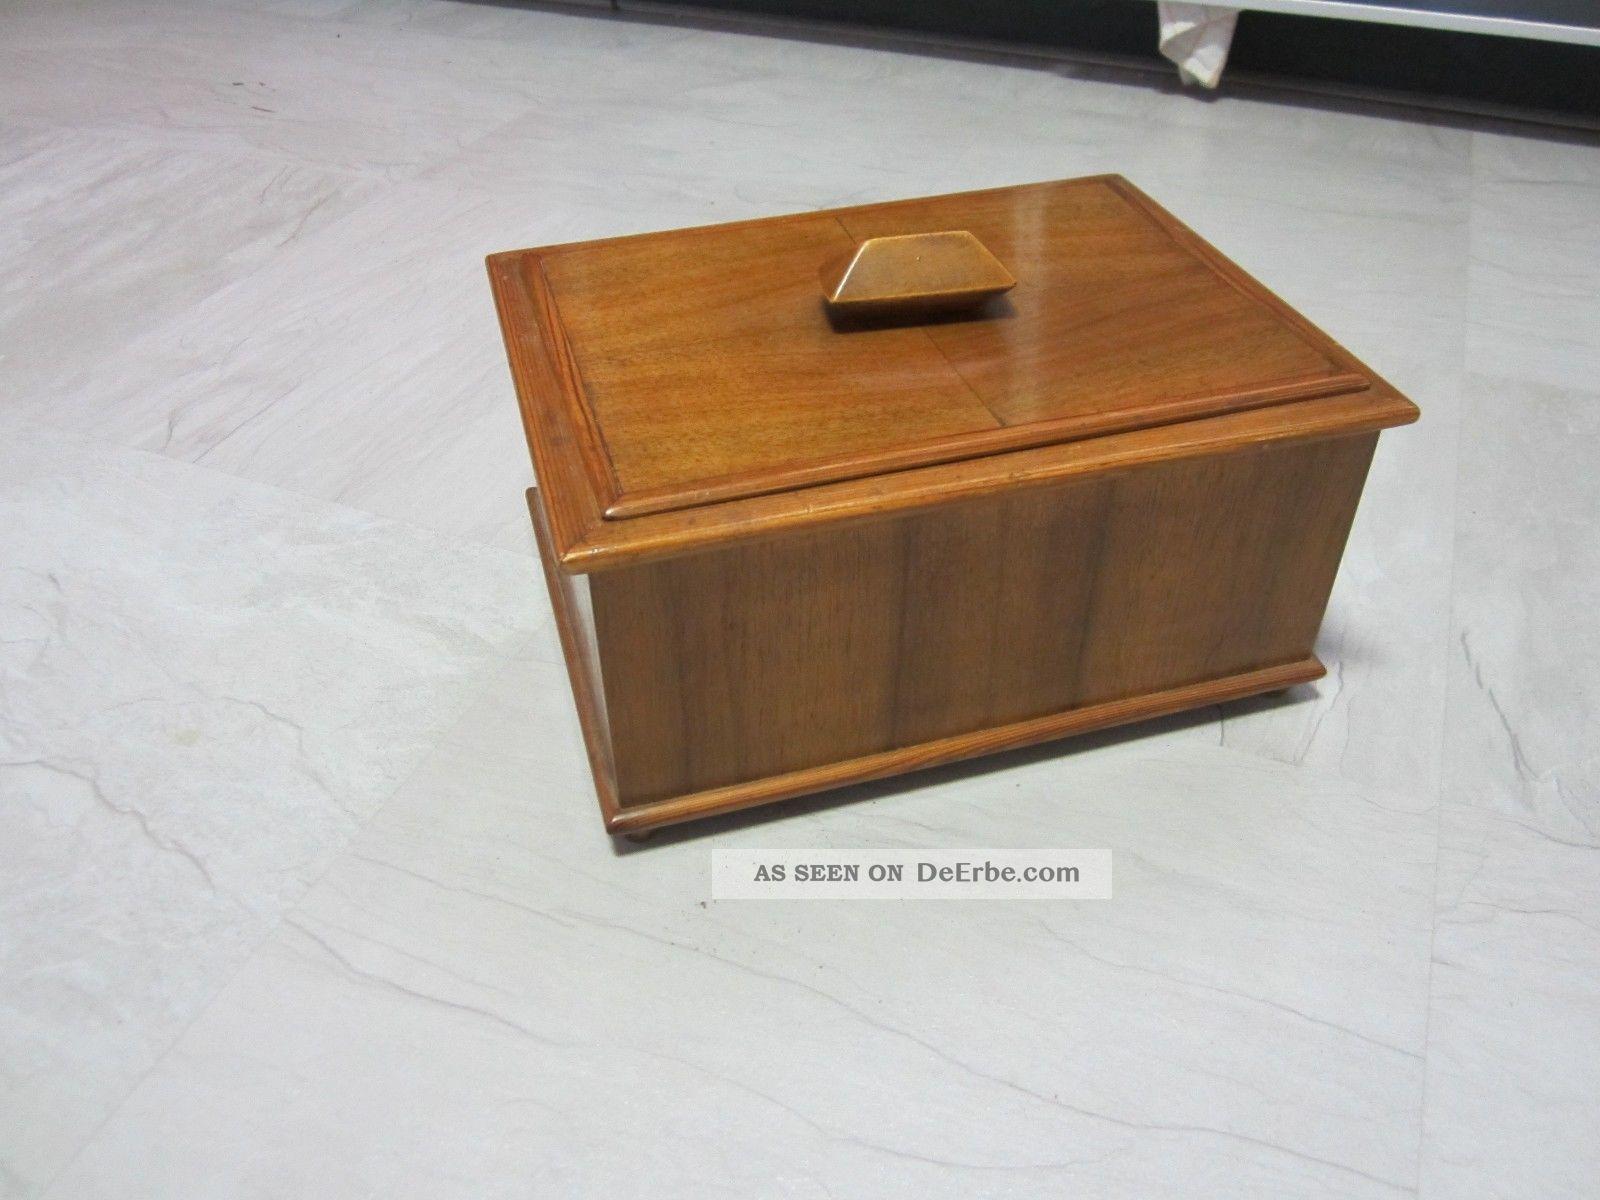 Schlichtes Altes Nähkästchen Aus Holz Geschätzt Aus Den 1950 Er Bis 60 Er Jahren Holzarbeiten Bild